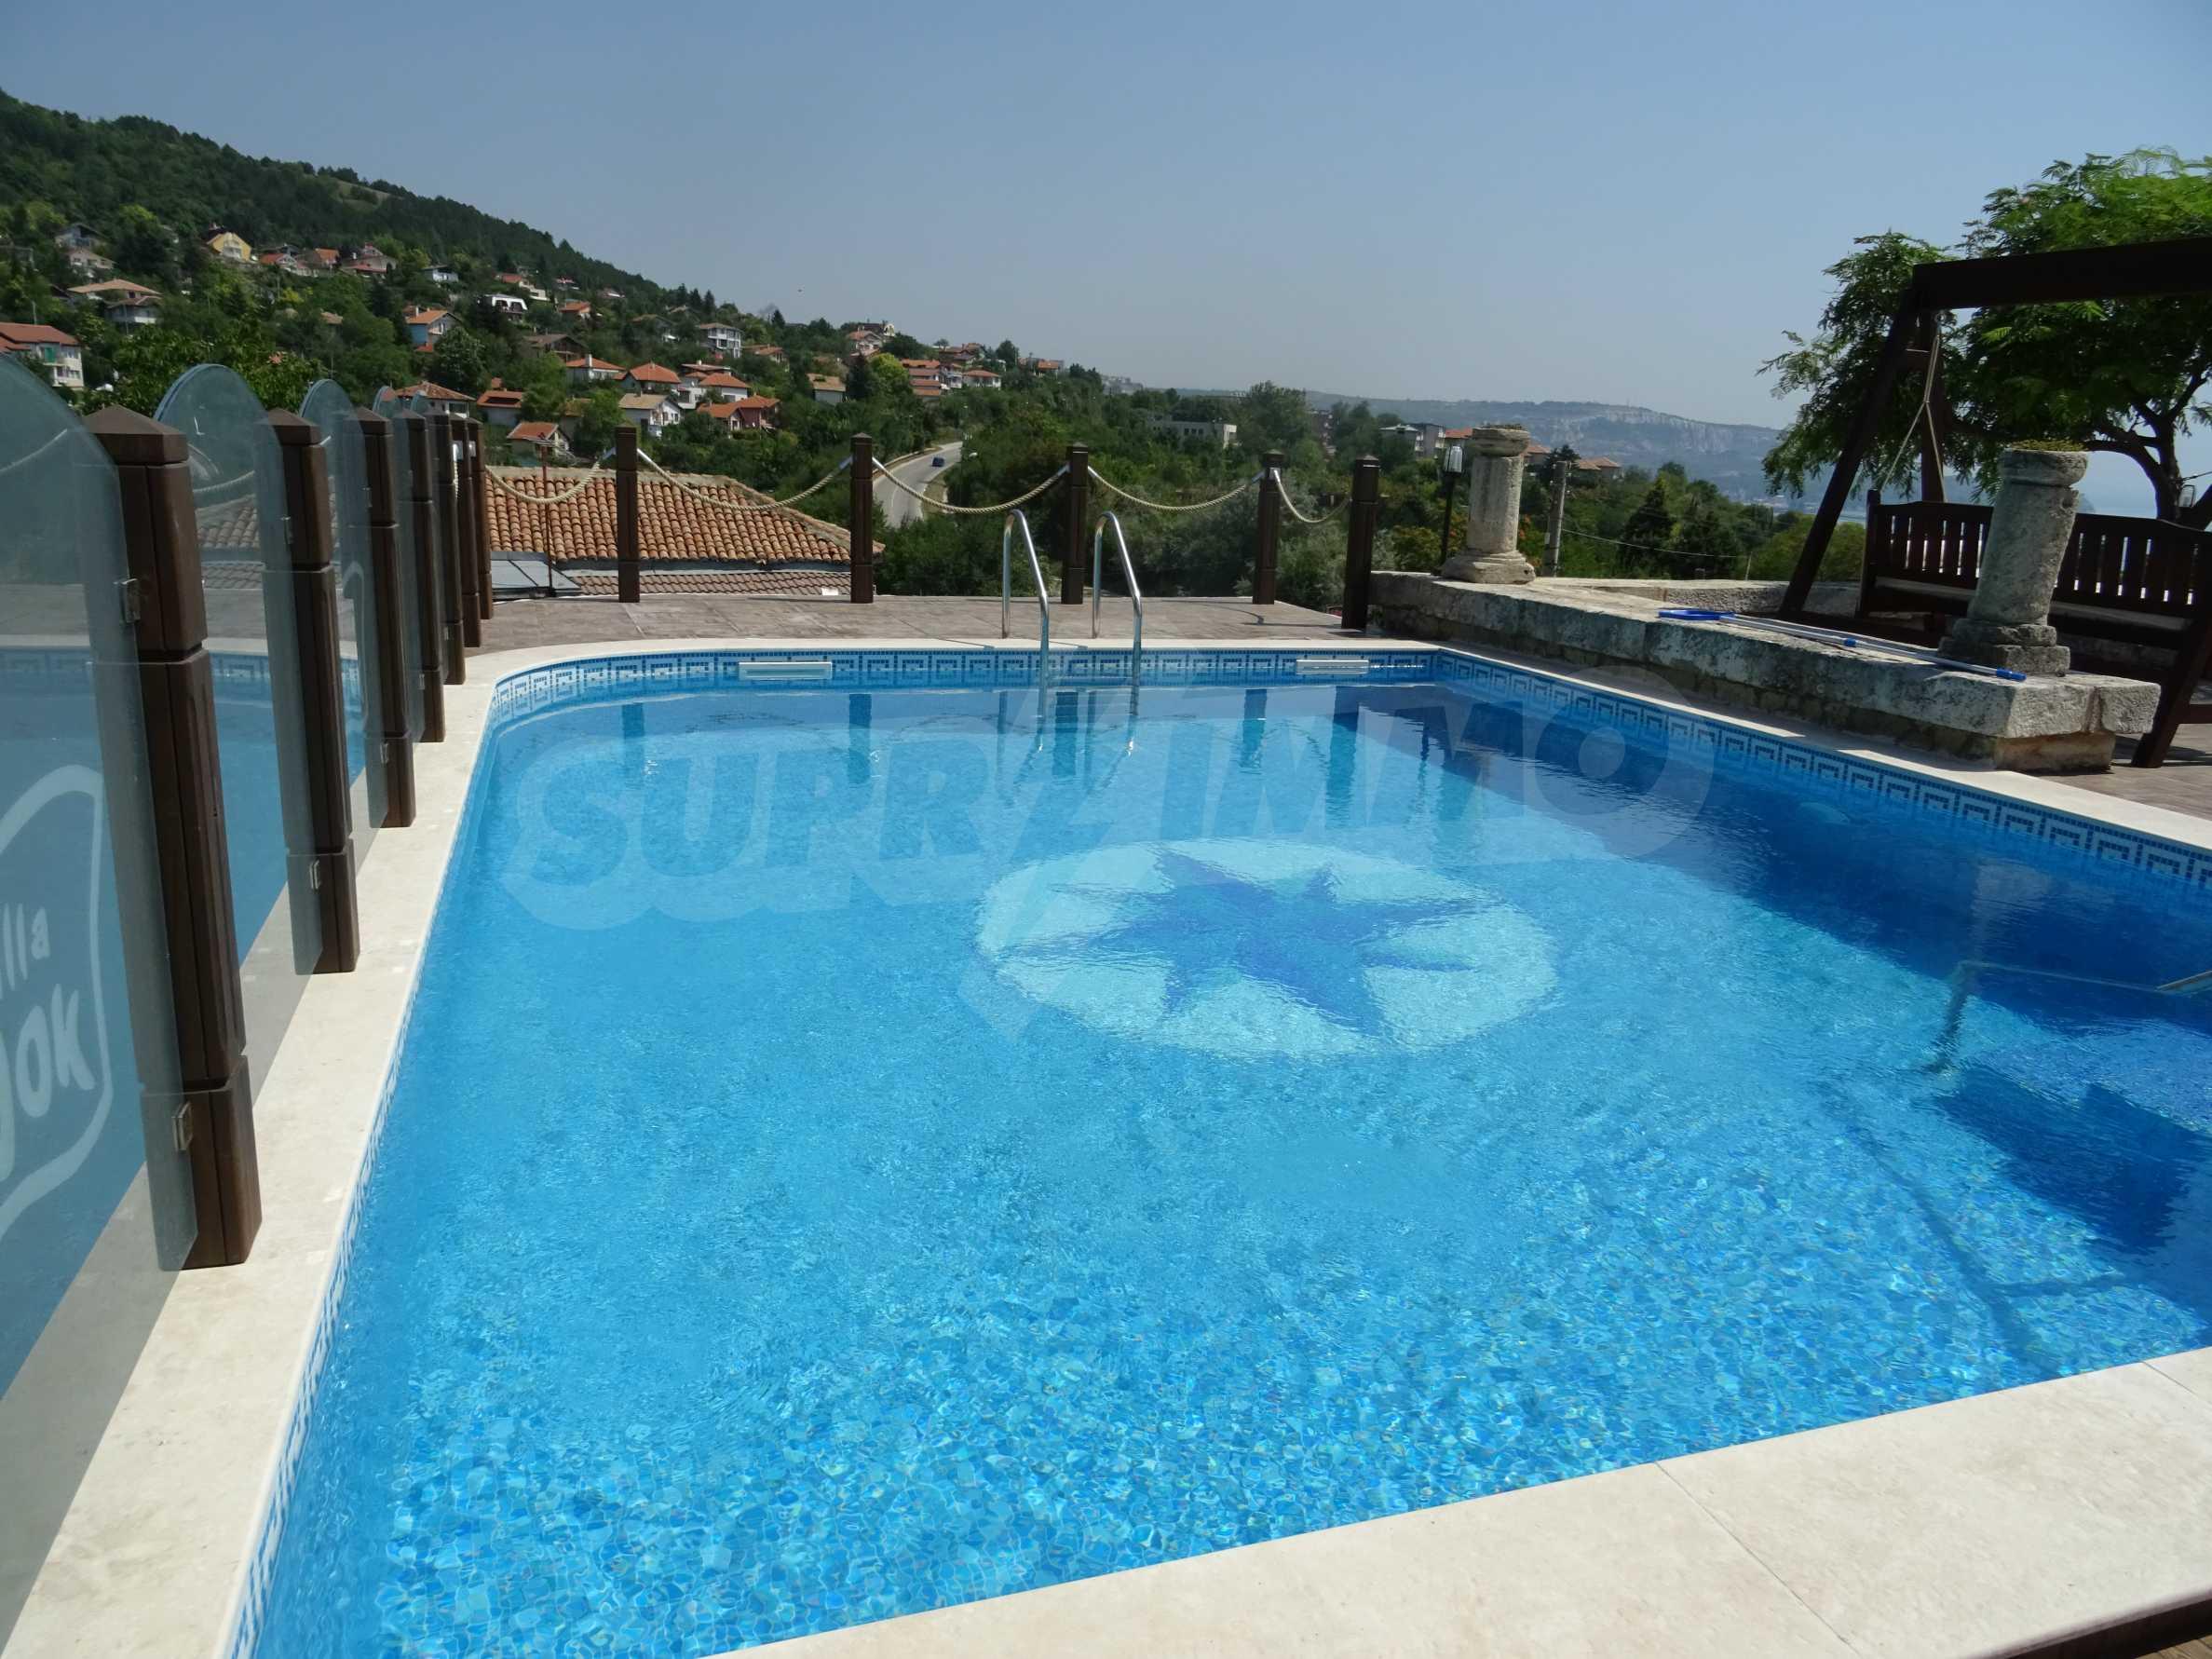 Mediterraner Stil - Luxus zum Sonderpreis 4